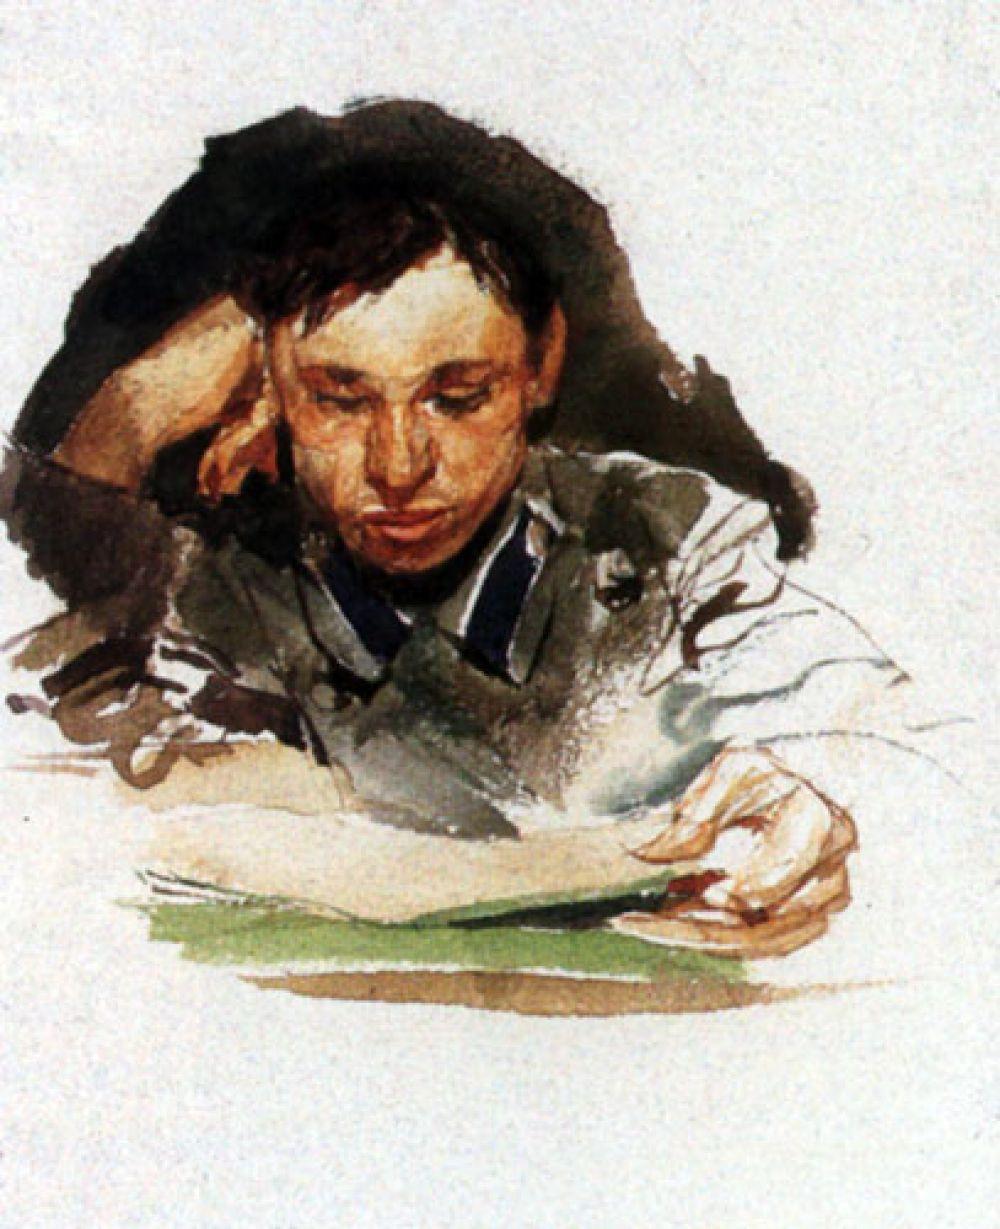 Постепенно Врубель превратился из обычного легкомысленного студента в увлечённого работой и педантичного в мелочах художника. В 25 лет Михаил стал работать с удвоенной силой, а круг его знакомых значительно расширился.